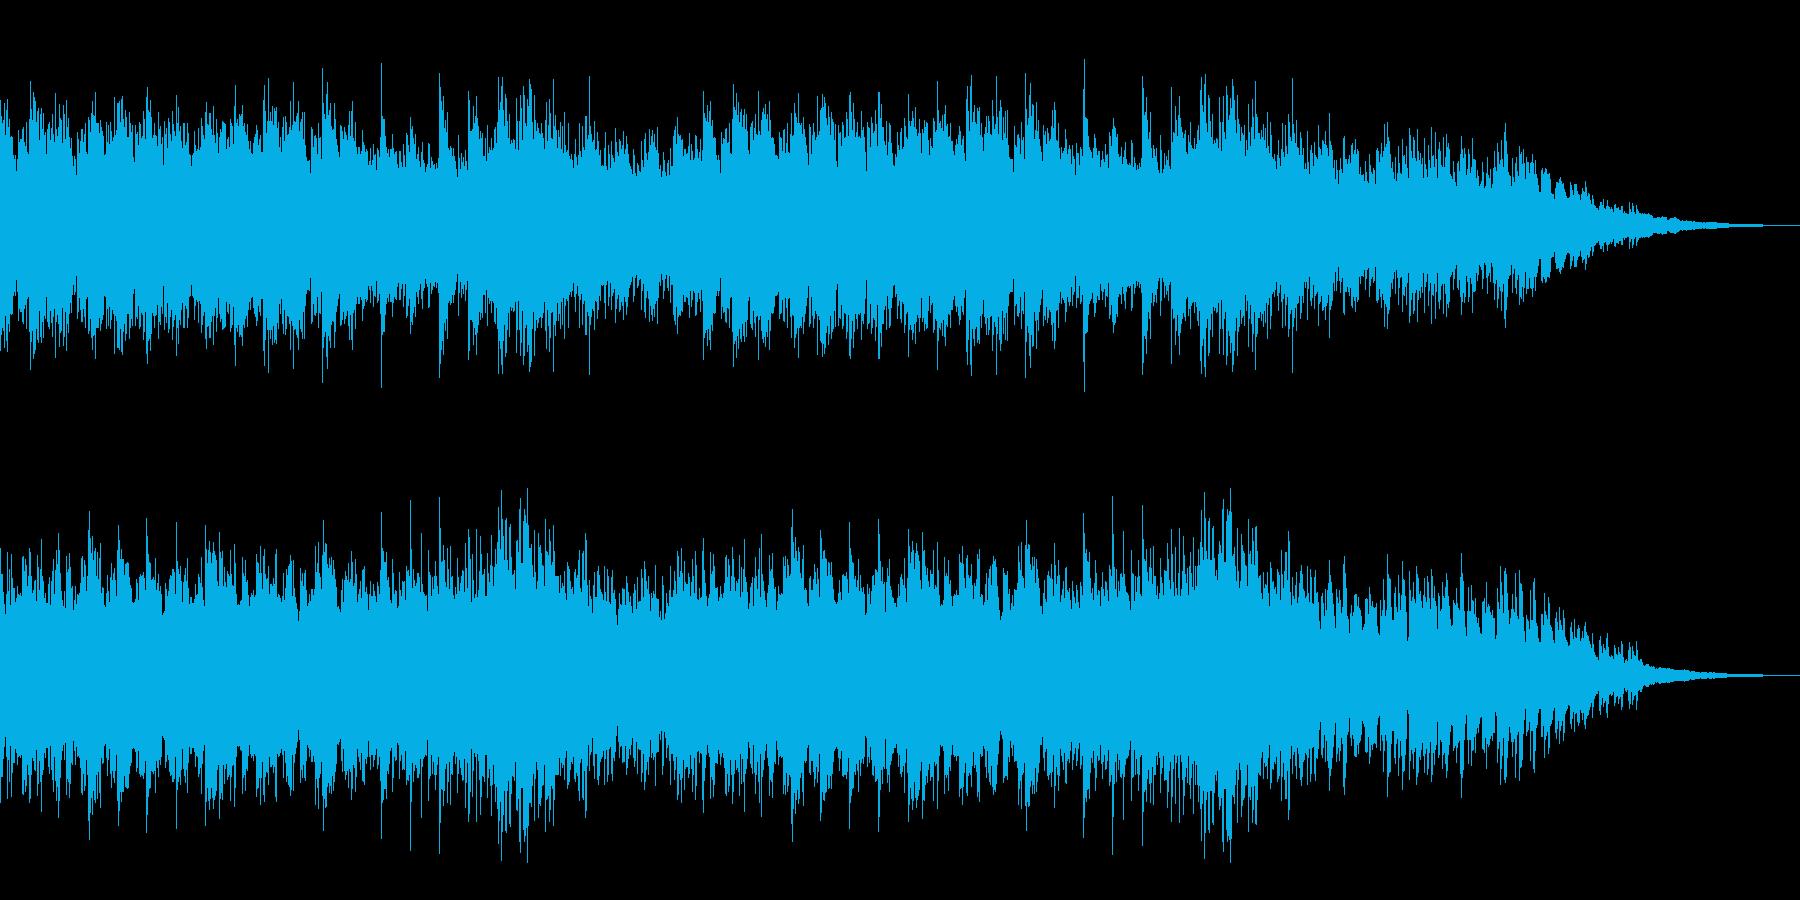 哀しみをイメージした、ピアノソロのBGMの再生済みの波形